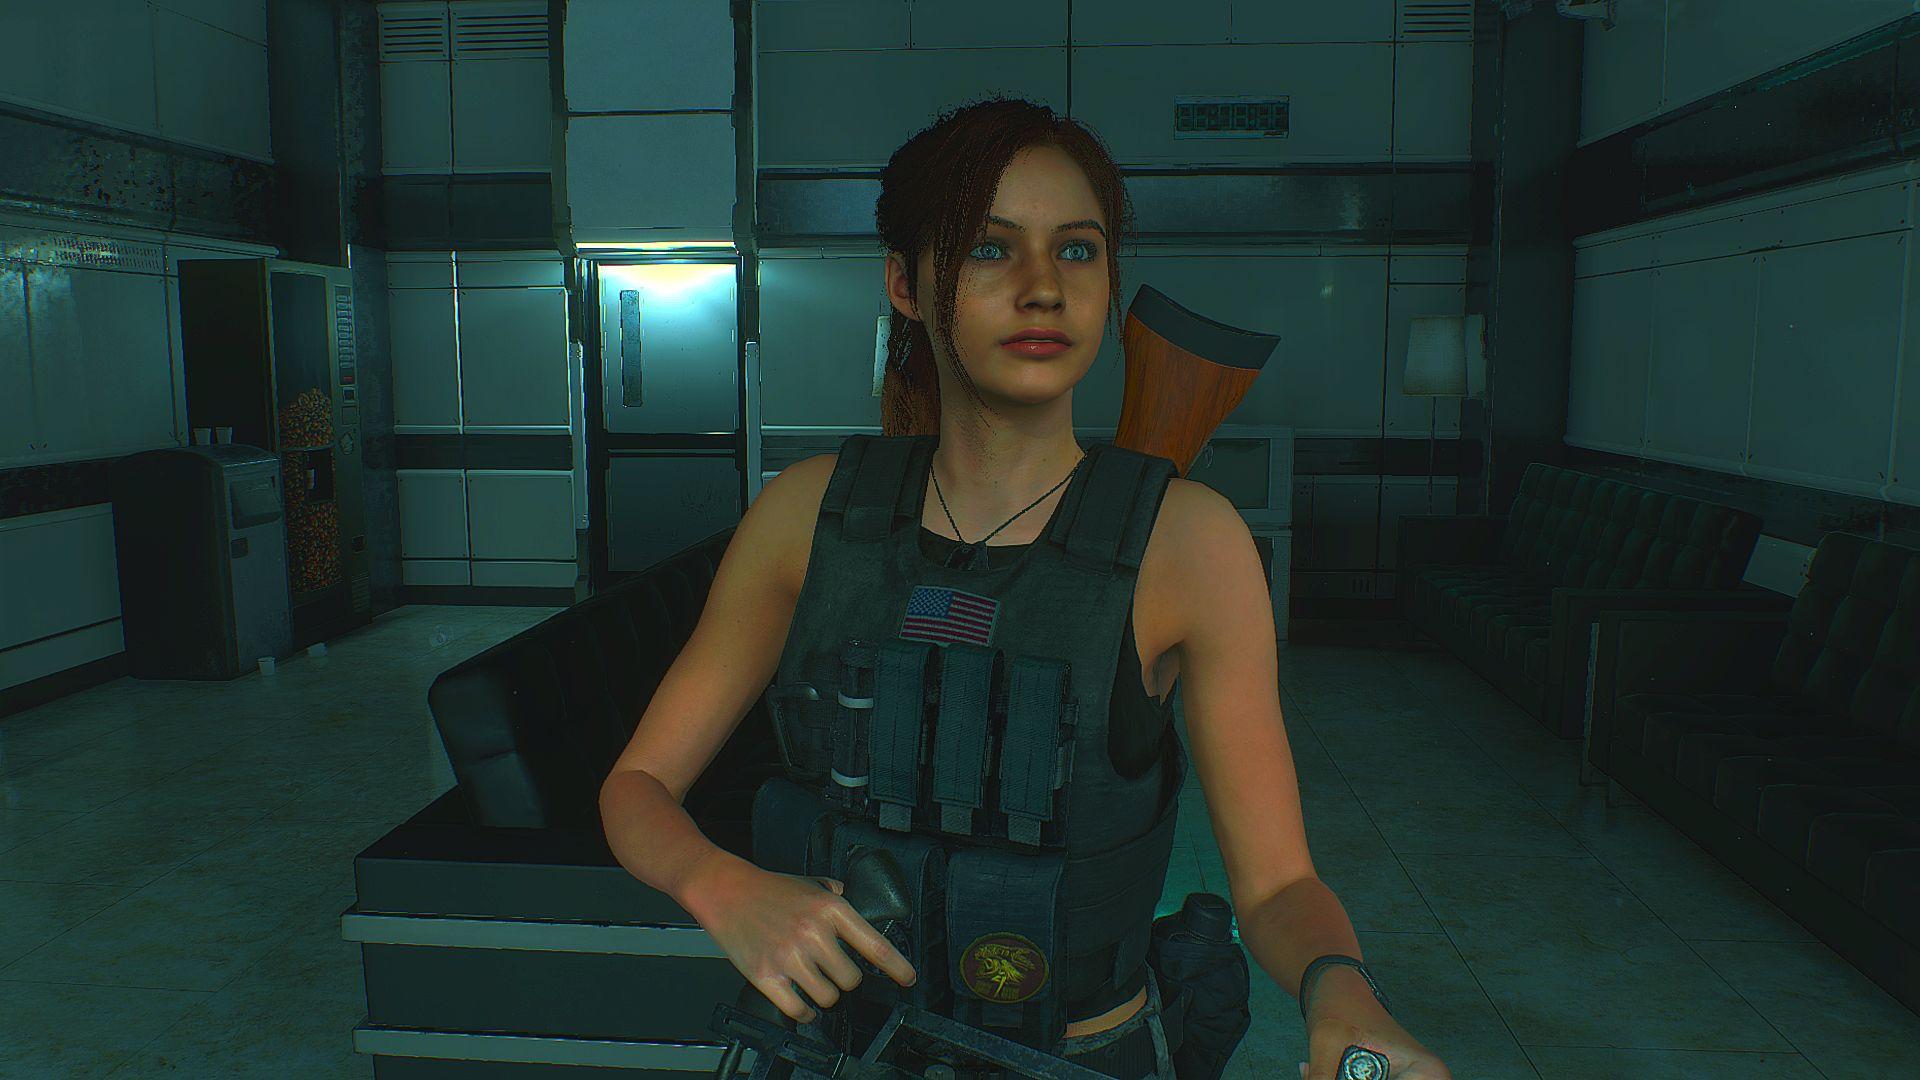 000204.Jpg - Resident Evil 2